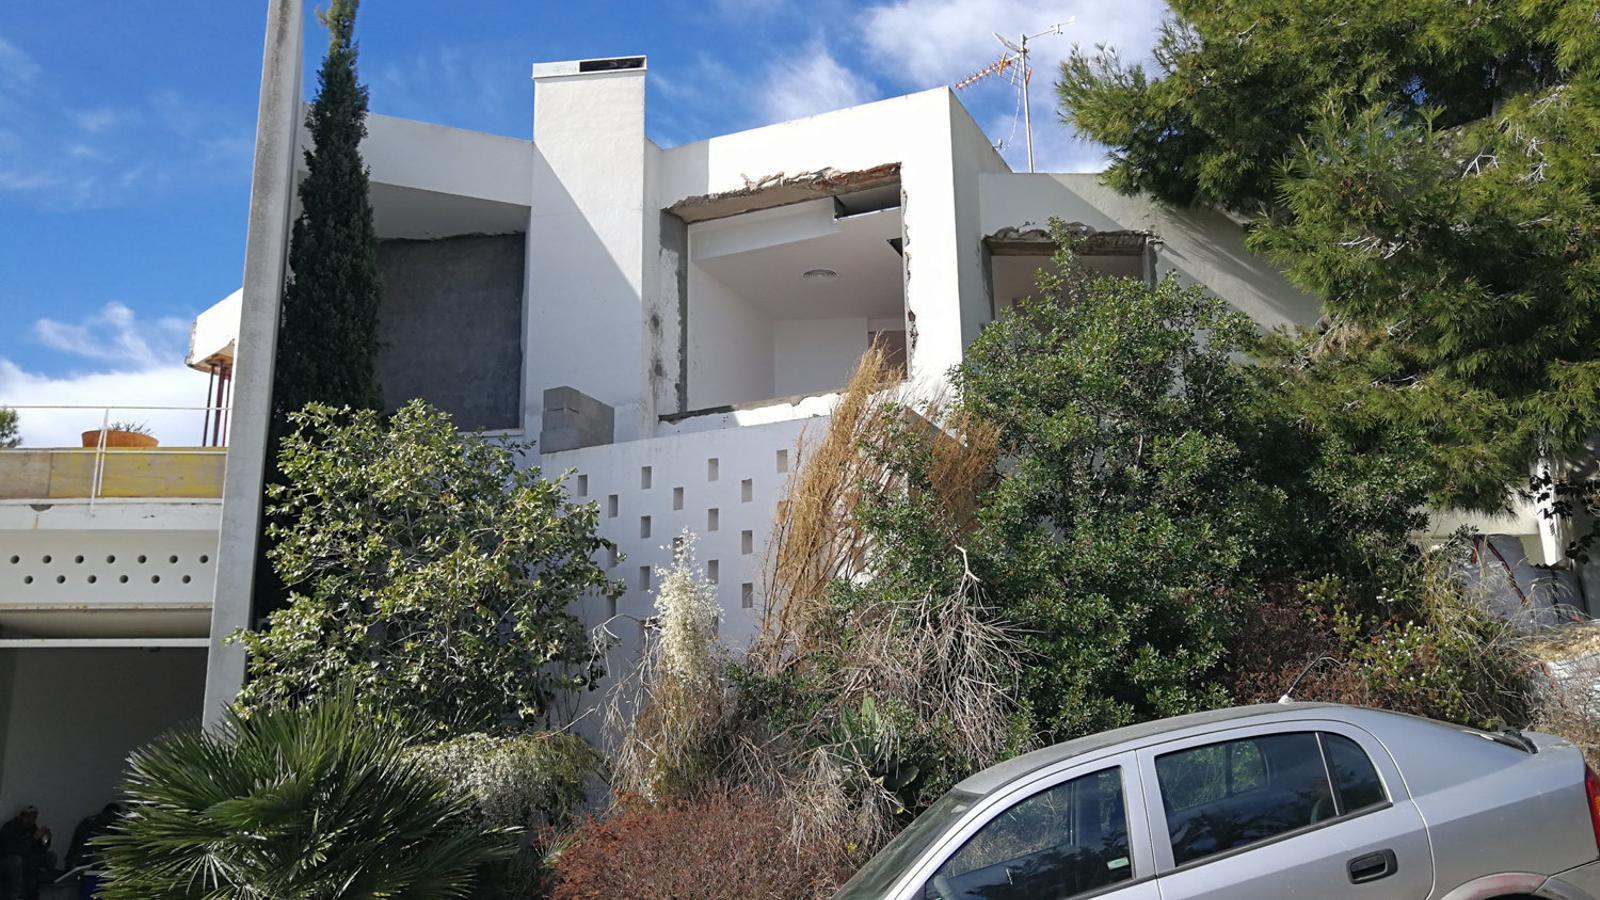 La casa Van der Driesche està ubicada en un carrer que dona a un penya-segat.